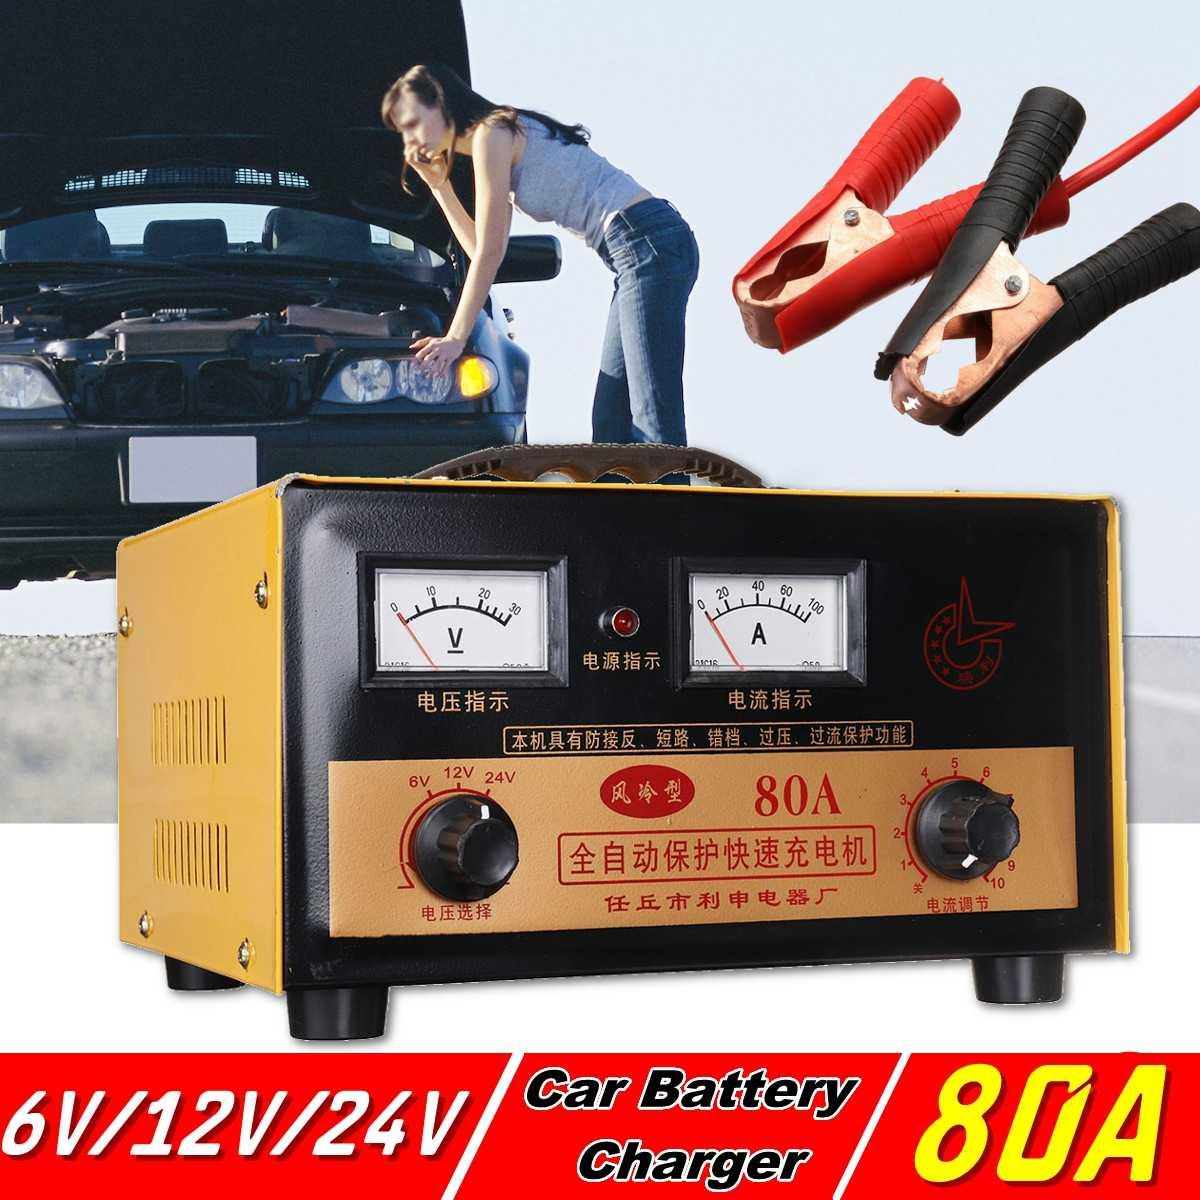 Chargeur de batterie de voiture 6 V 12 V 24 V complètement automatique chargeur de batterie de voiture électrique impulsions intelligentes Type de réparation 60A/80A pour voiture